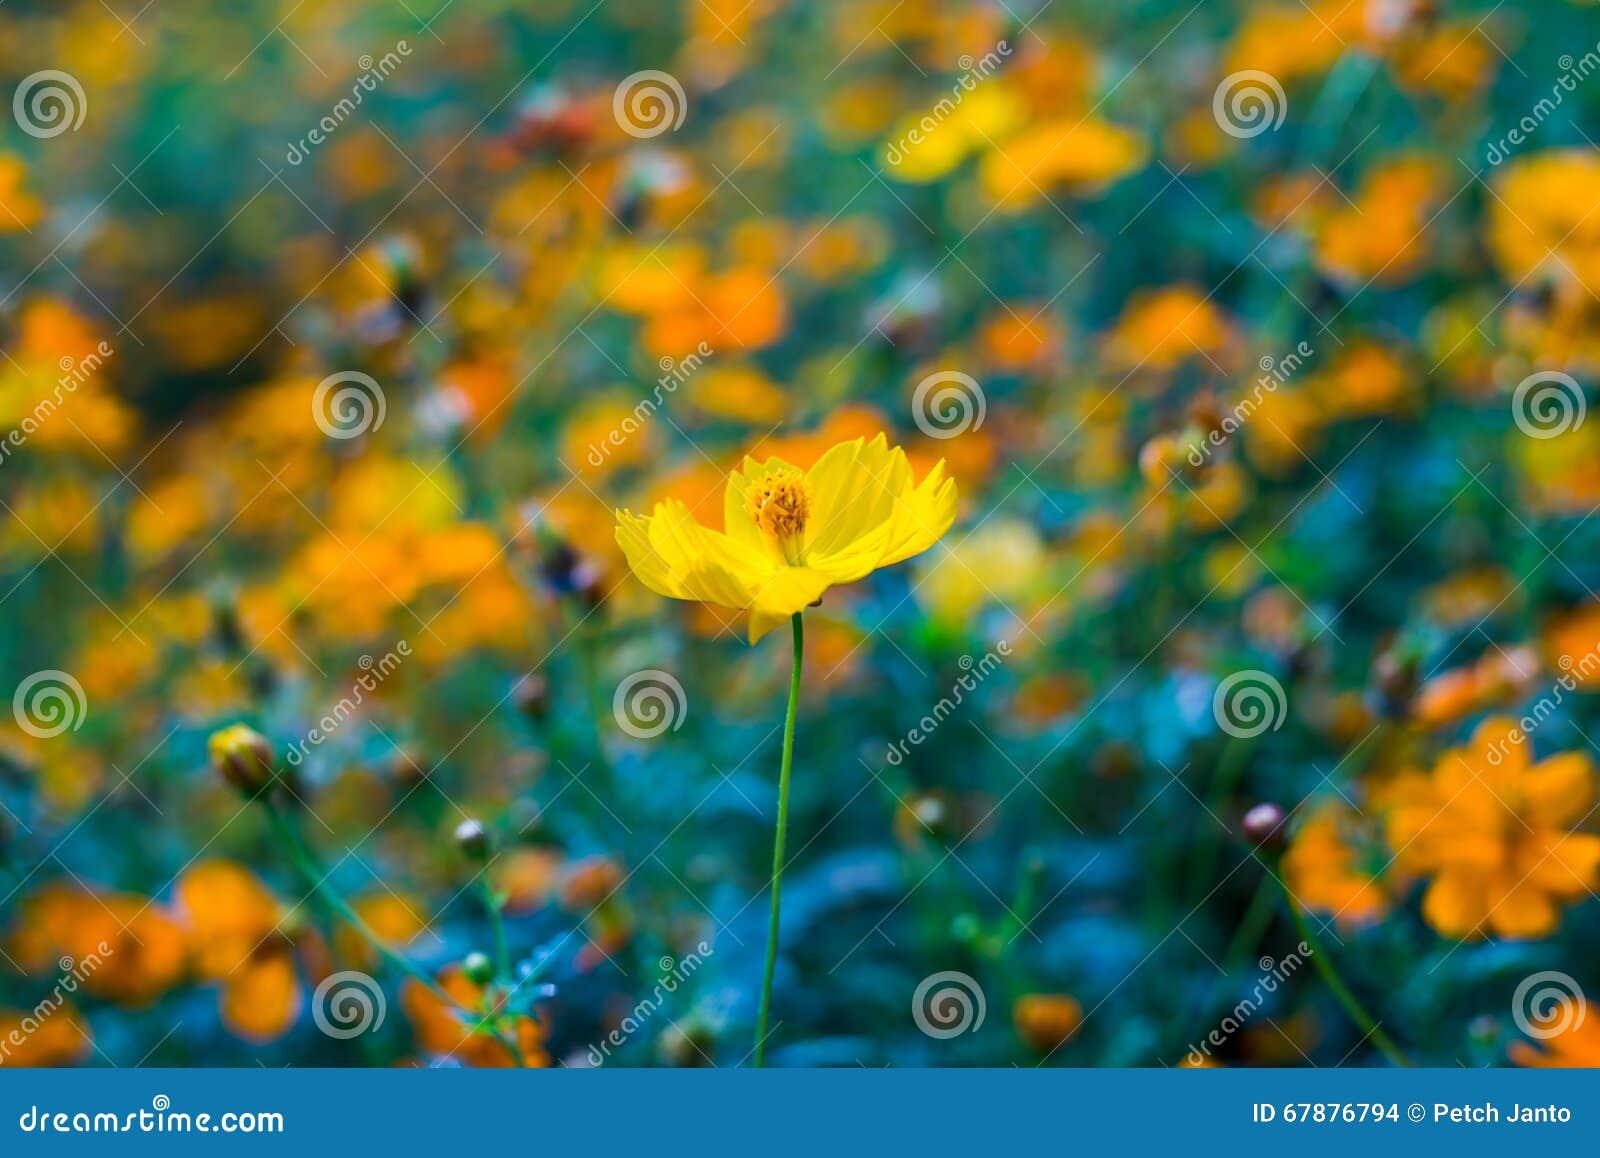 黄色波斯菊花开花